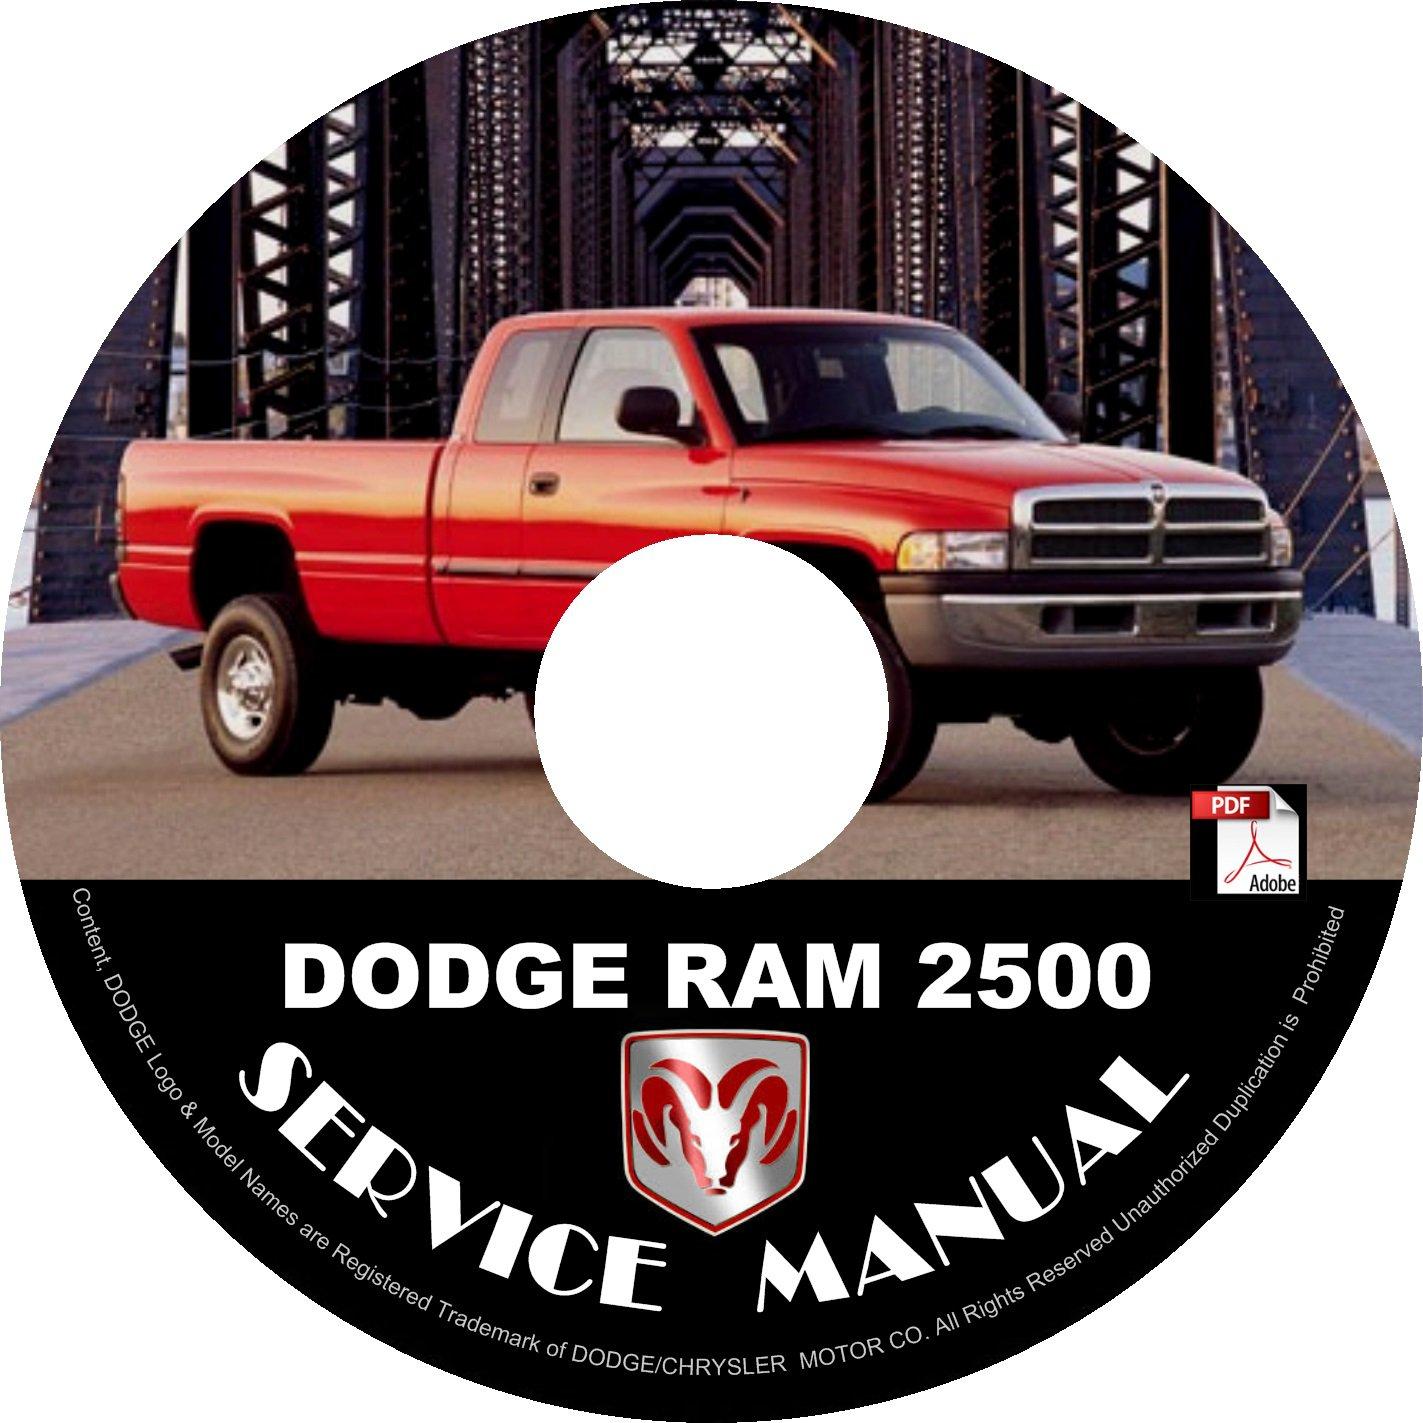 1994 Dodge RAM 2500 Factory Service Repair Shop Manual on CD Fix Repair Rebuilt